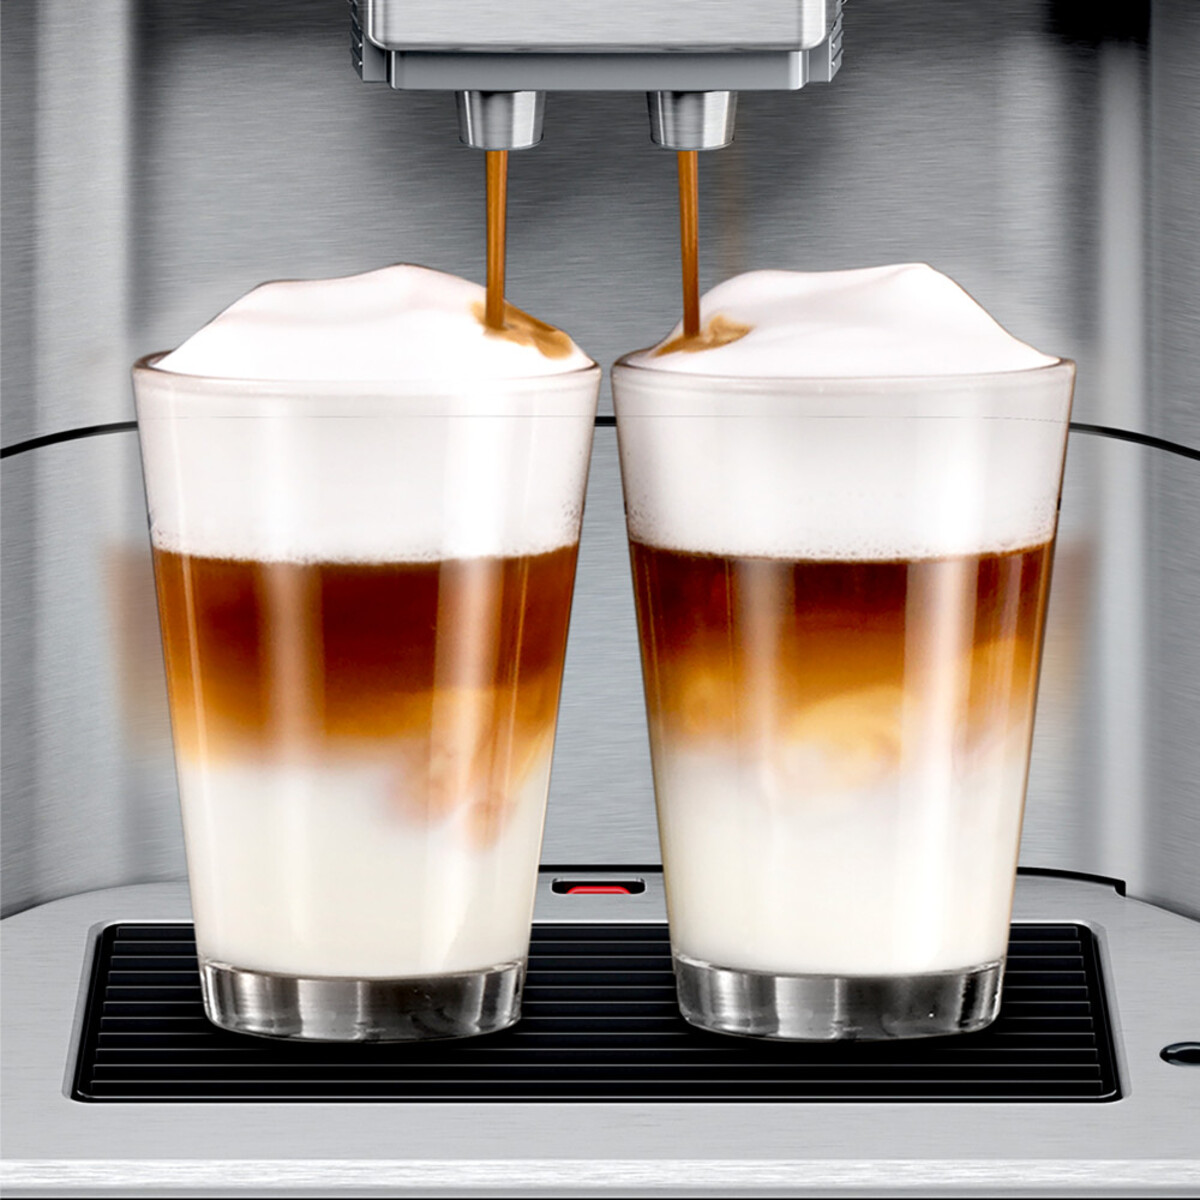 Bild 5 von SIEMENS EQ.6 plus s700 TE657M03DE Edelstahl, schwarz Kaffeevollautomat (coffeeSelect Display, autoMilk Clean, oneTouch DoubleCup, beleuchtetes Tassenpodest, iAroma System)